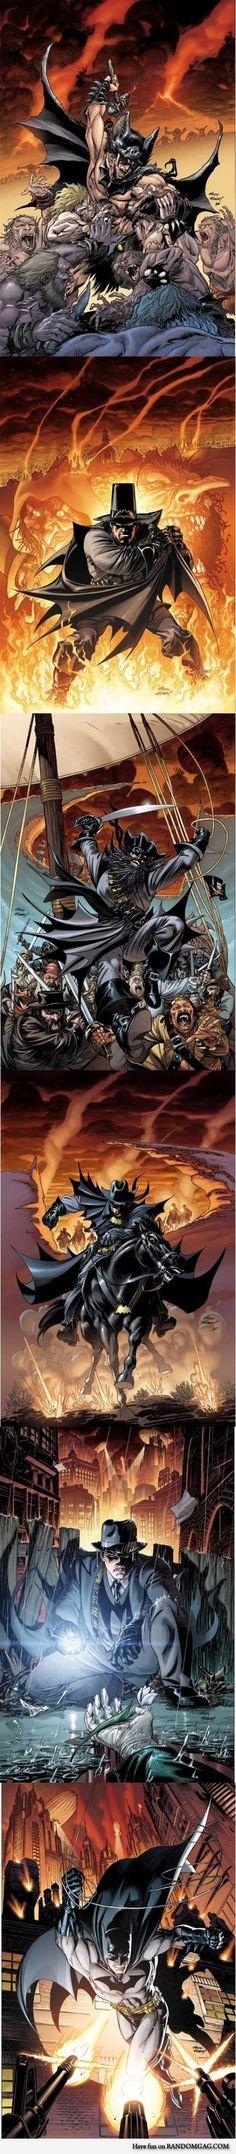 Batman: The Return of Bruce Wayne Covers